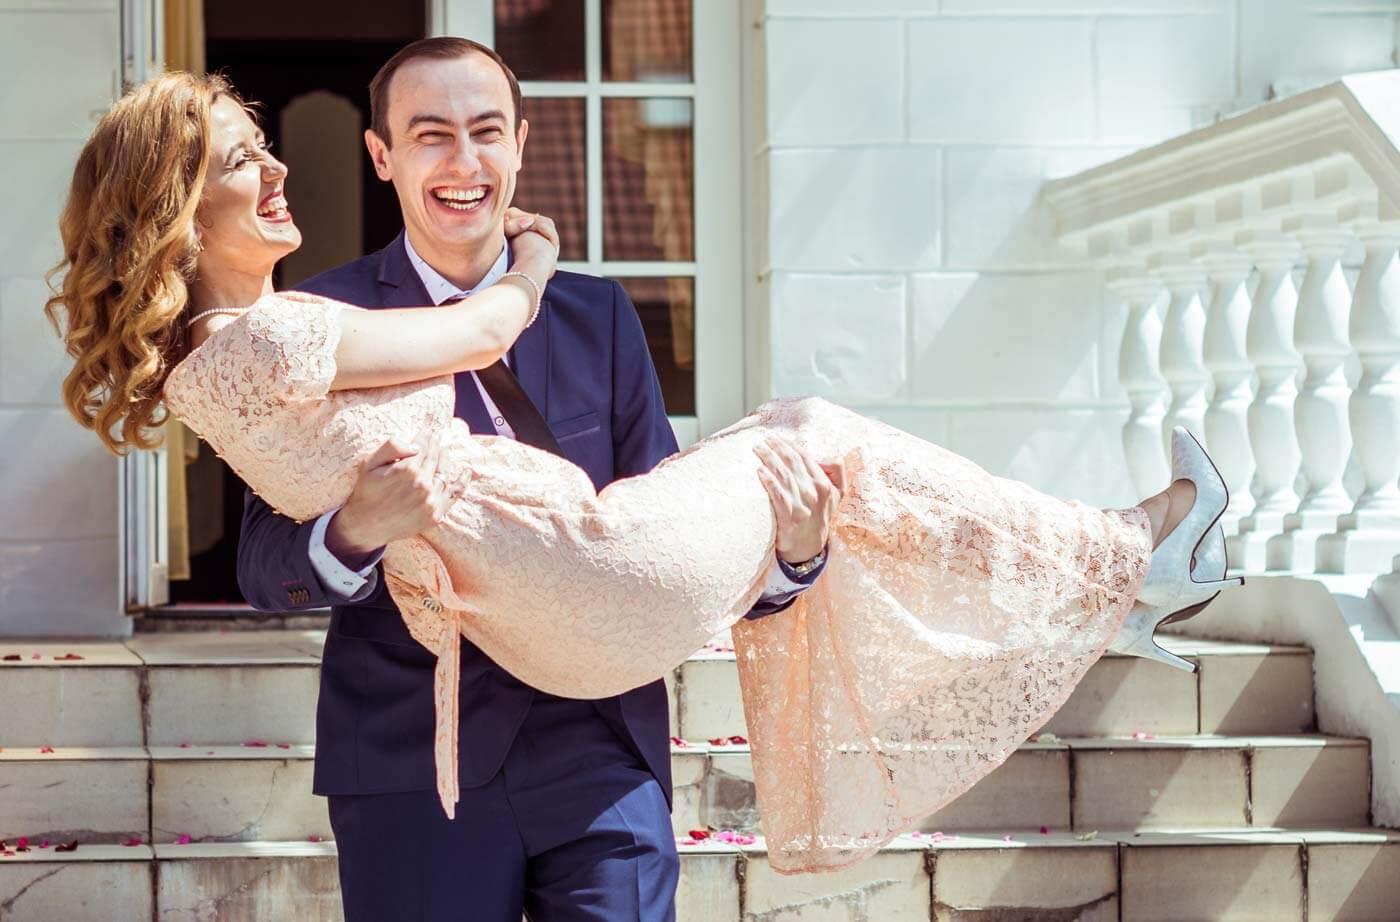 Hochzeitsspiele und berraschungen nach dem Standesamt